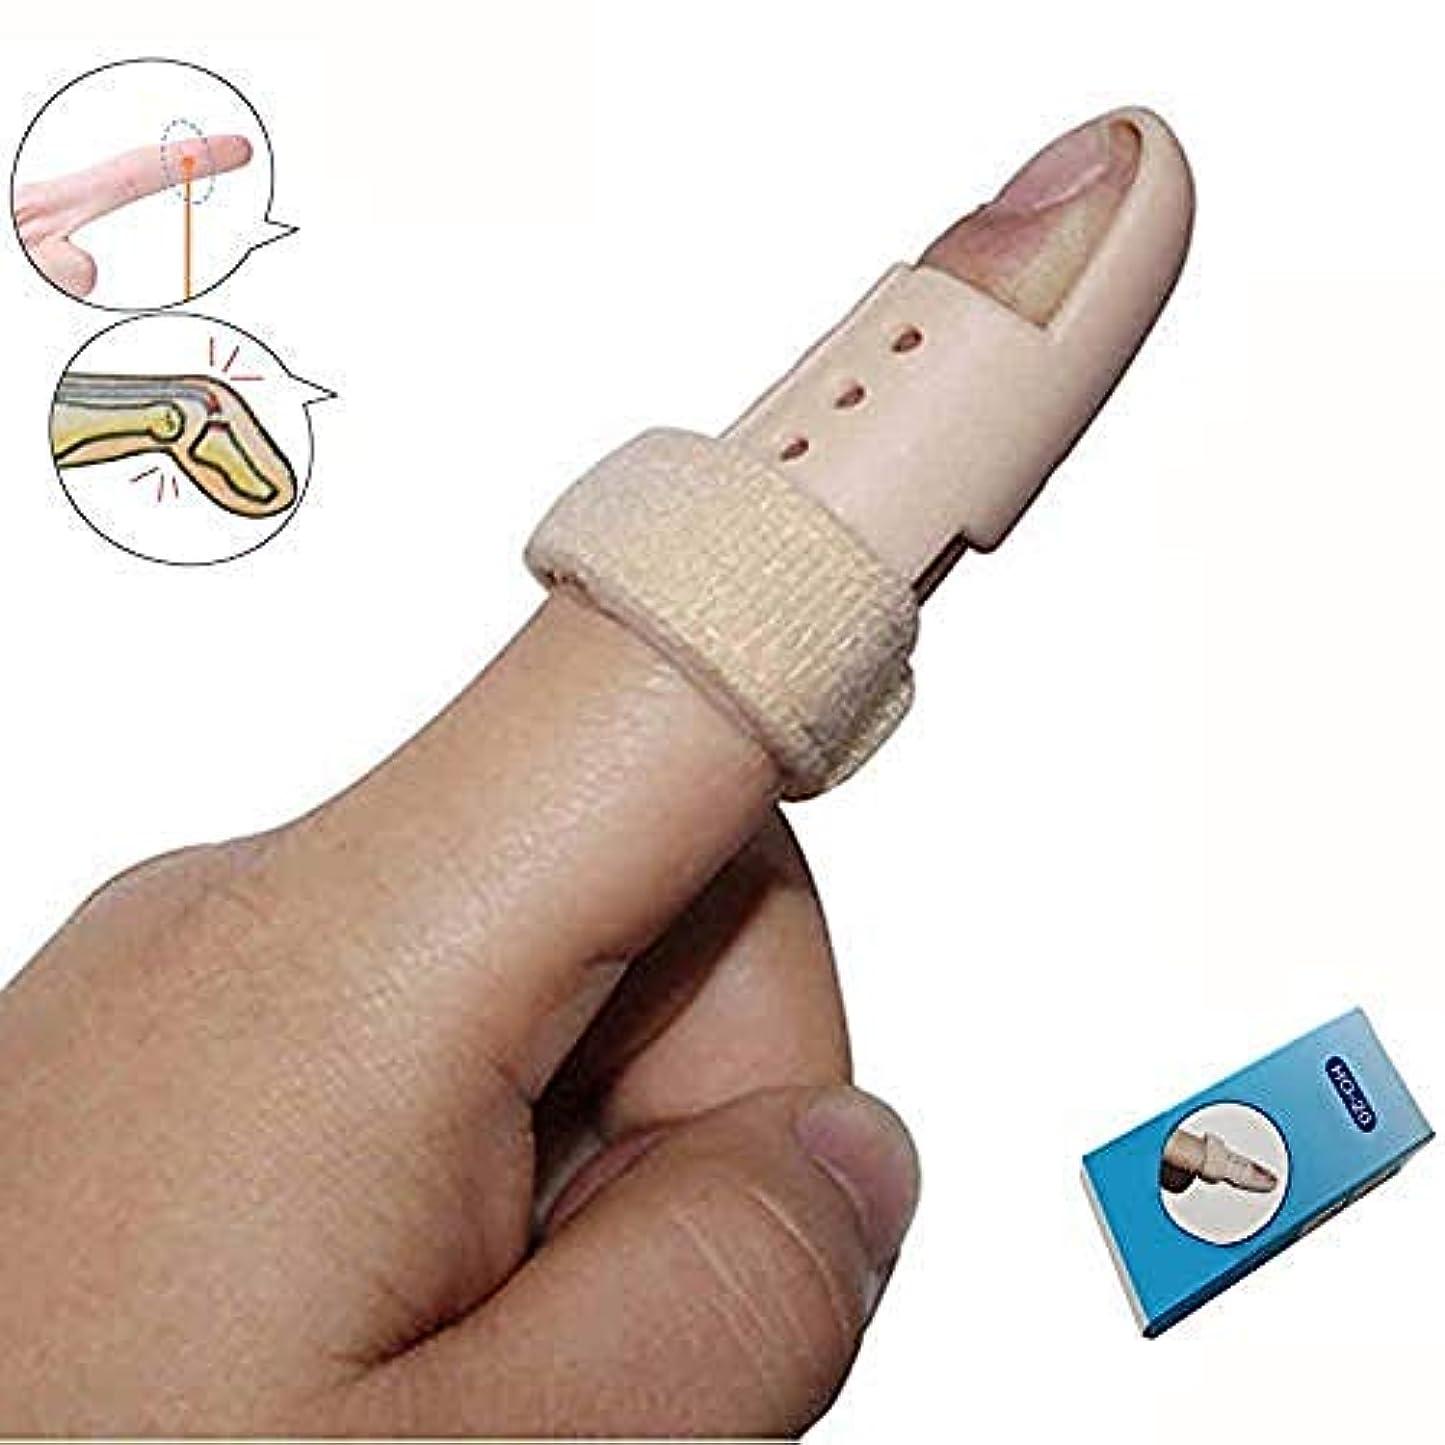 検出いいね重量指の損傷のサポート、指トレーニングボード指アライナー指板右手左手使用リハビリ機器,04